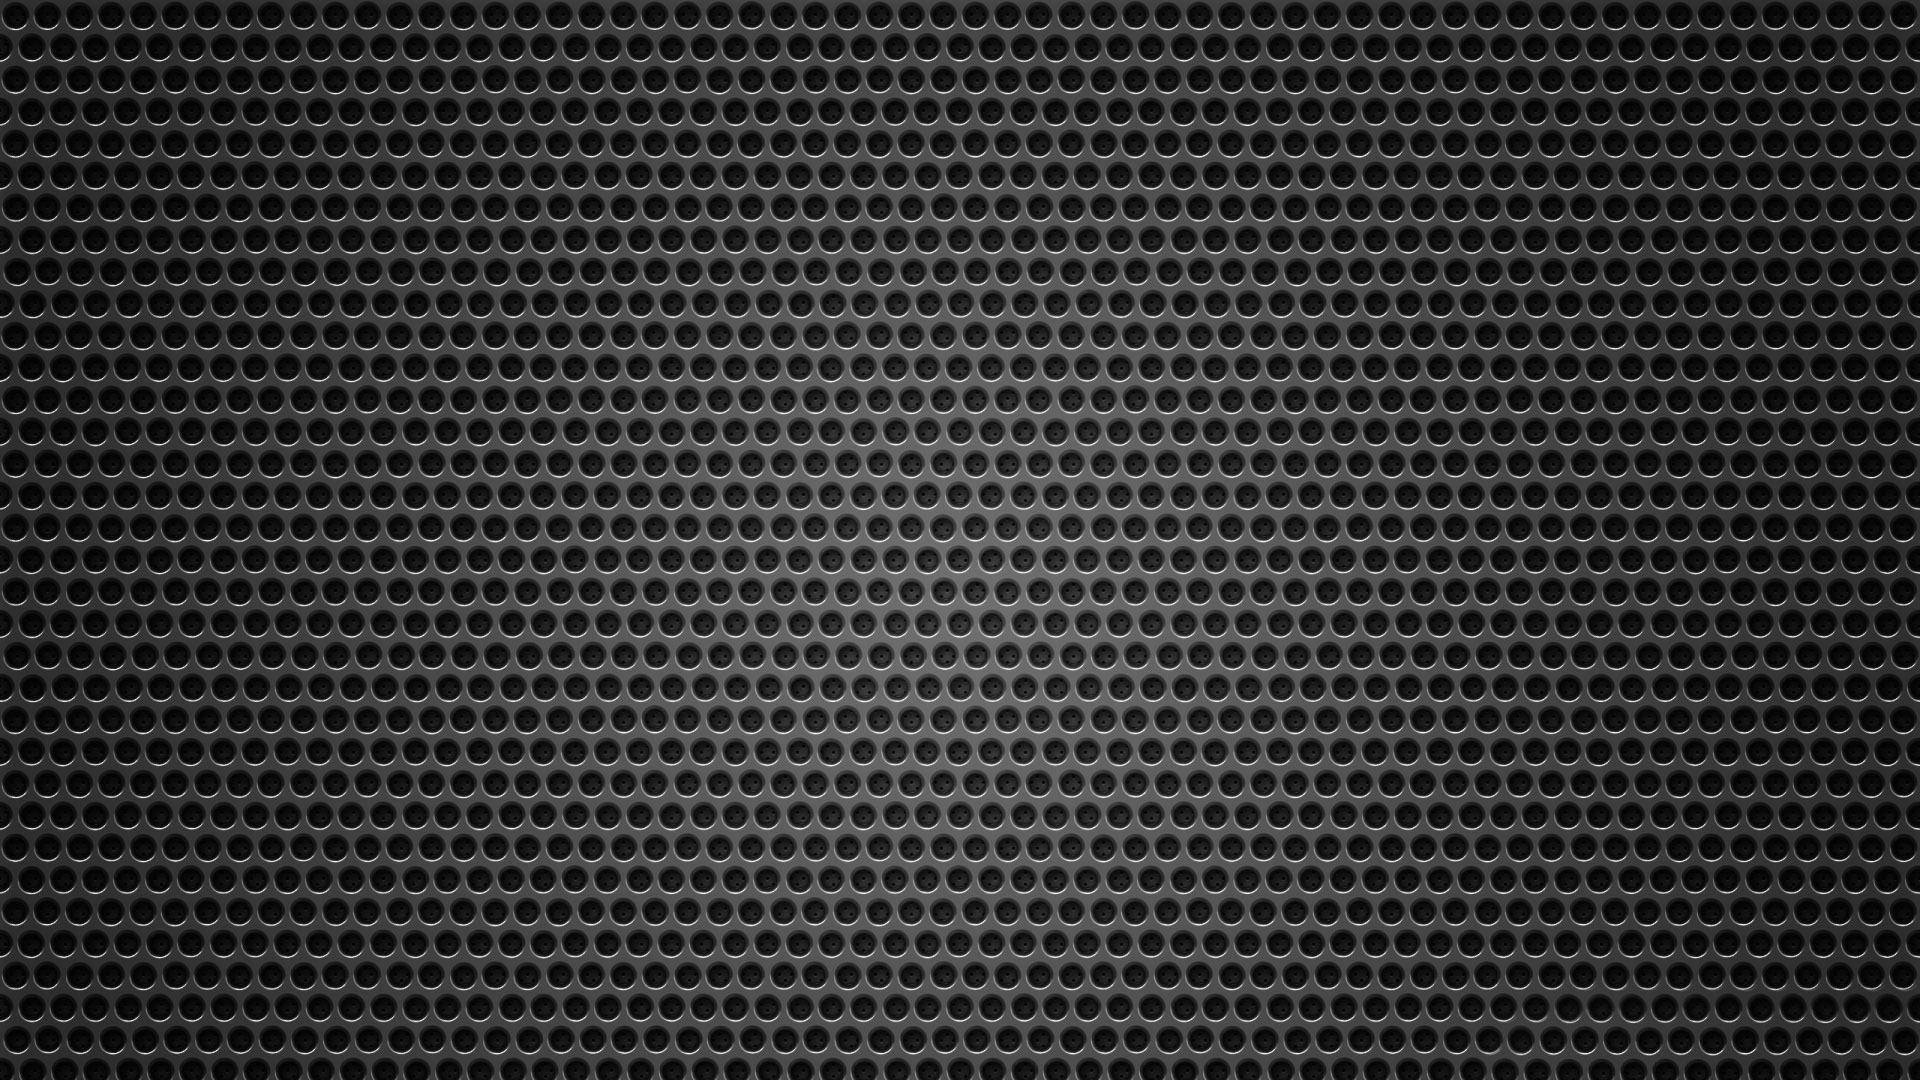 Dots good wallpaper hd